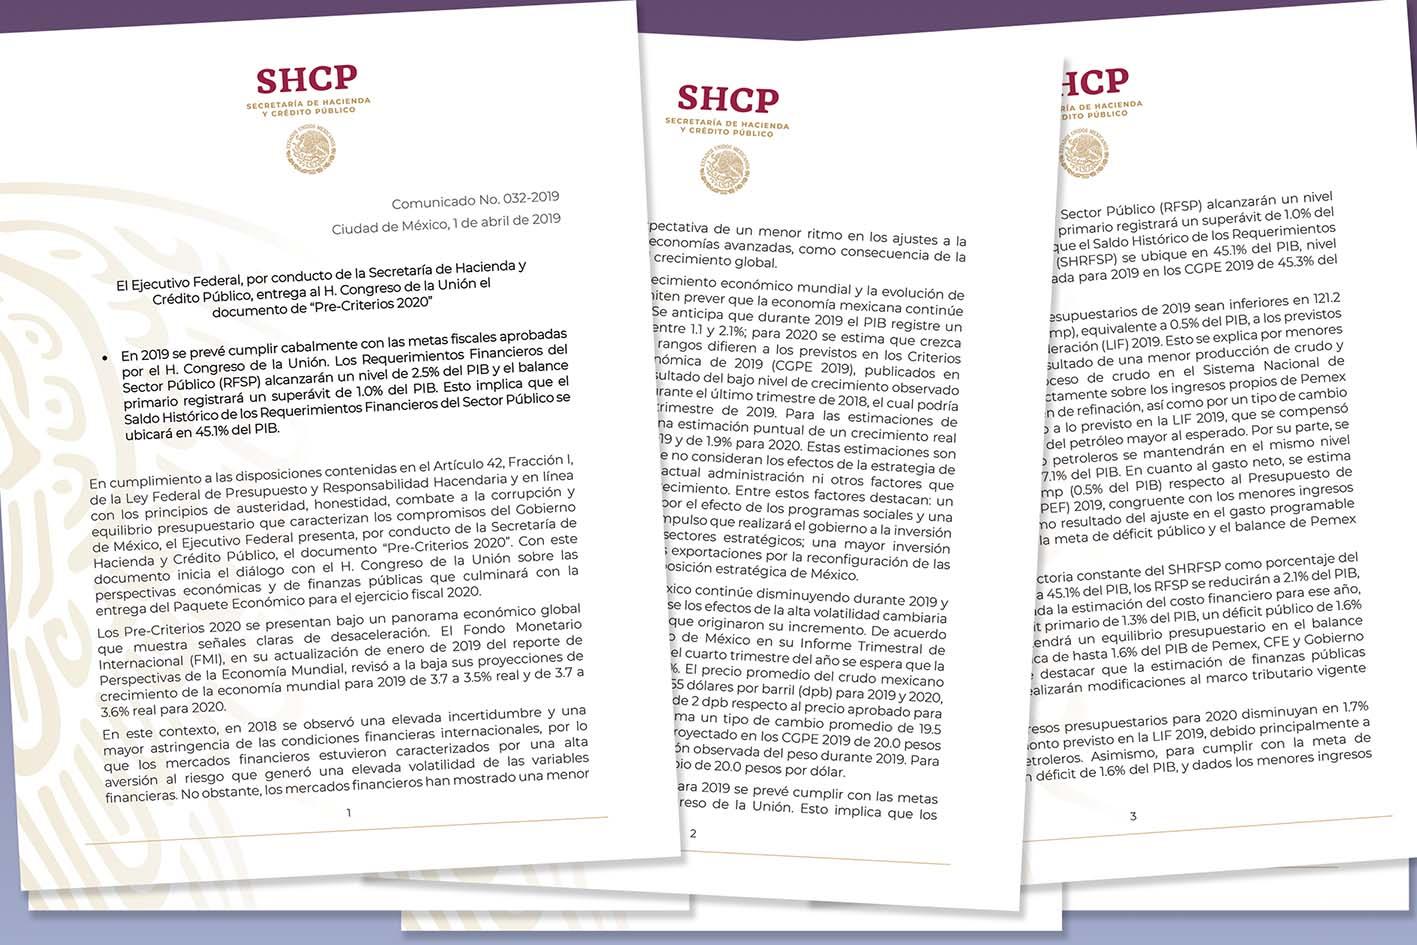 """Photo of El Ejecutivo Federal, por conducto de la SHCP, entrega al H. Congreso de la Unión el documento de """"Pre-Criterios 2020"""""""